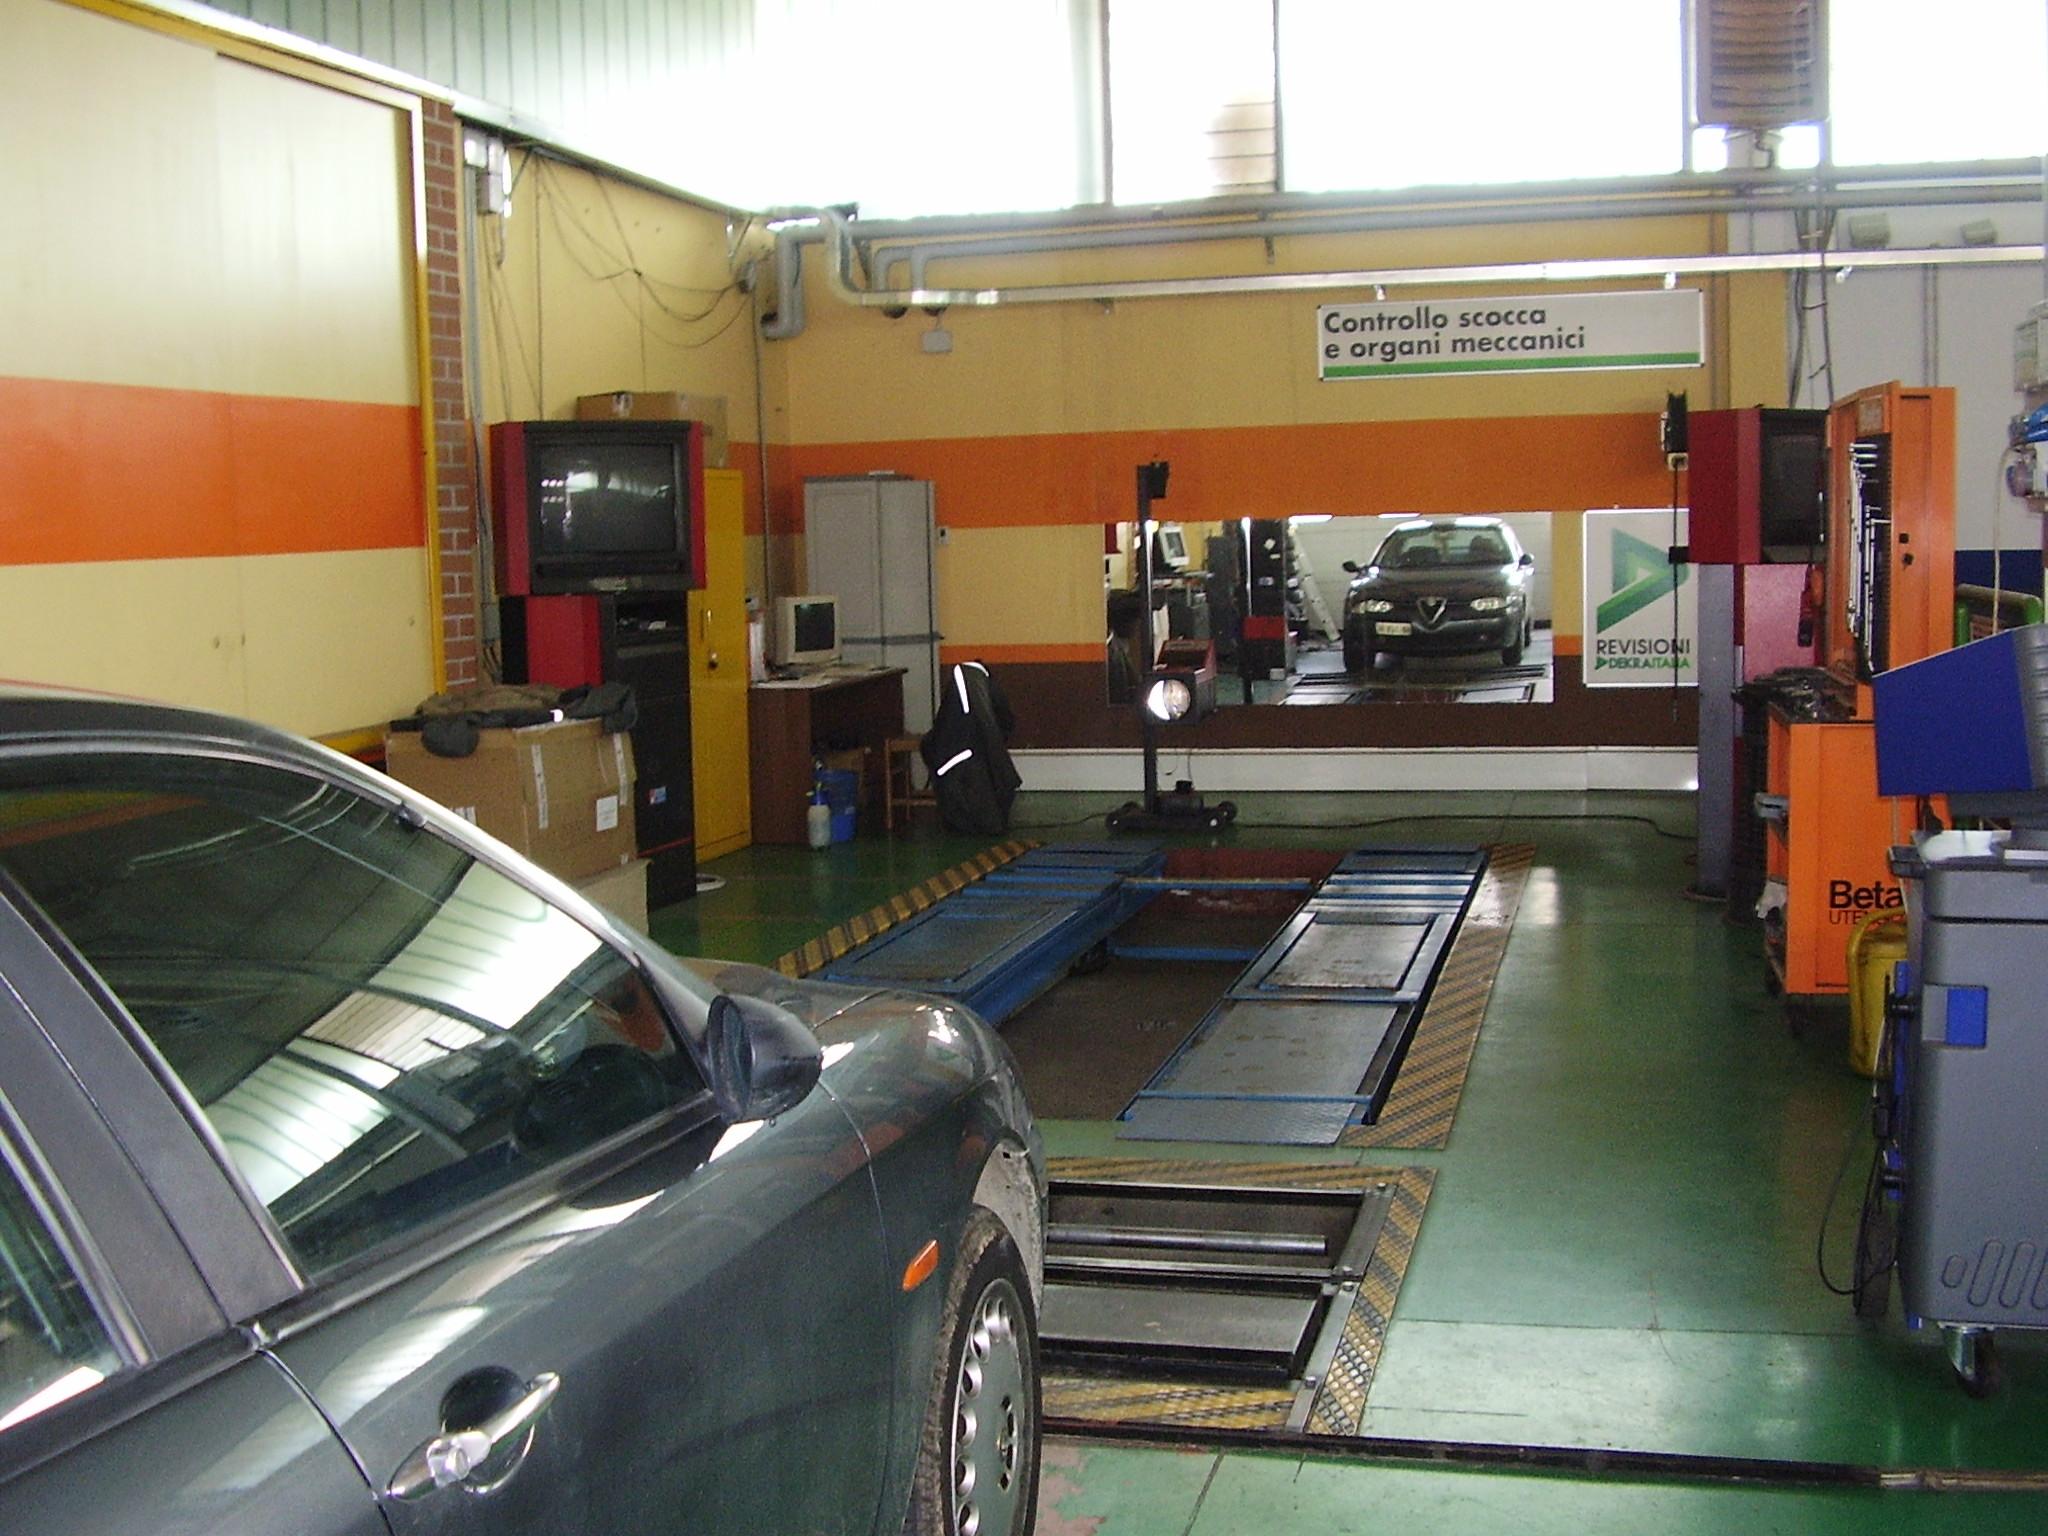 Sanzioni ed incidenti con auto senza revisione: che succede? Manutenzione